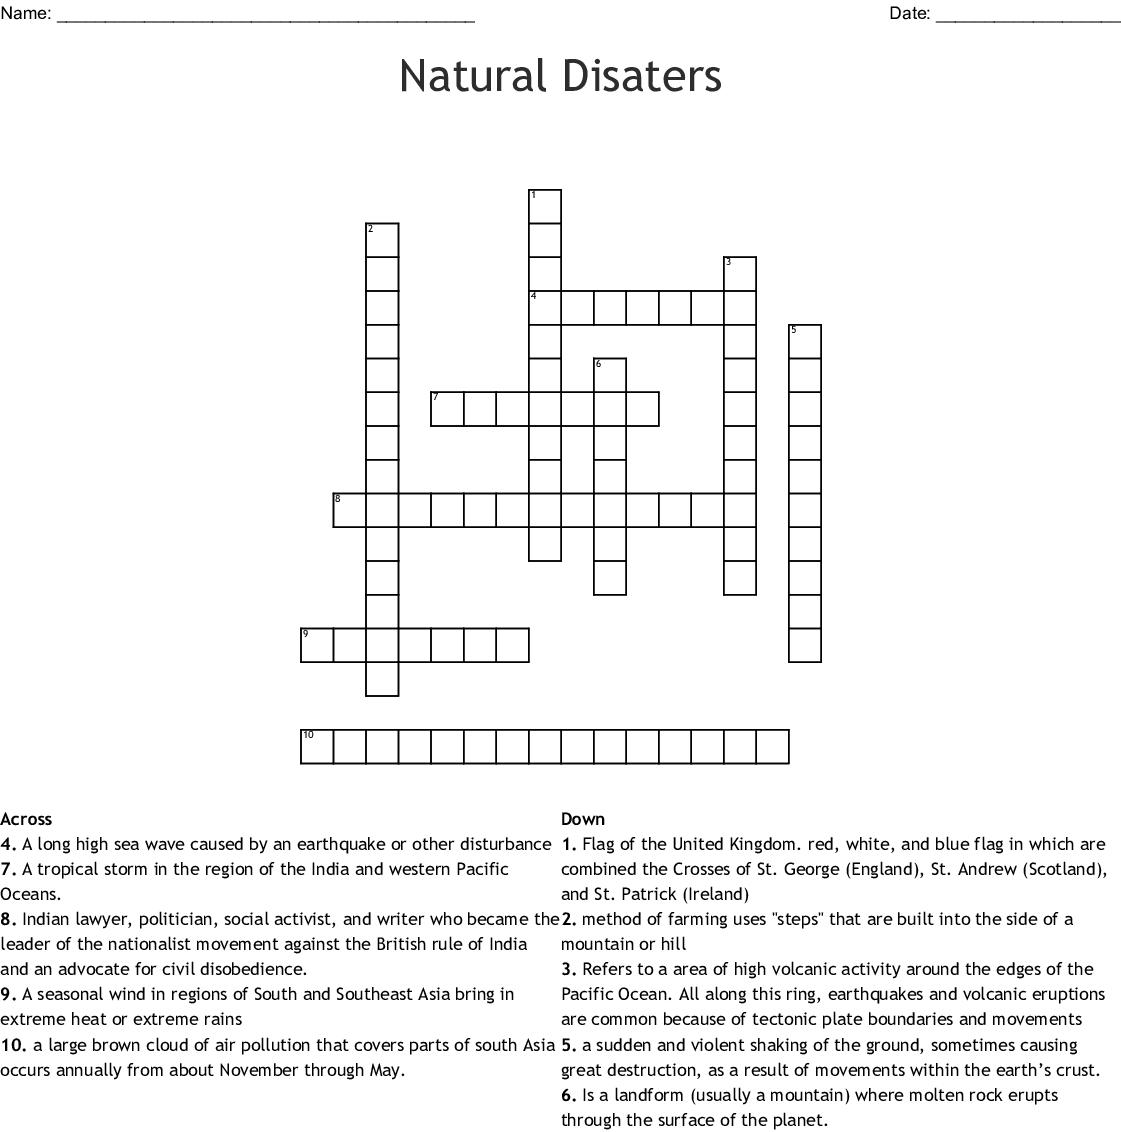 Natural Disaters Crossword